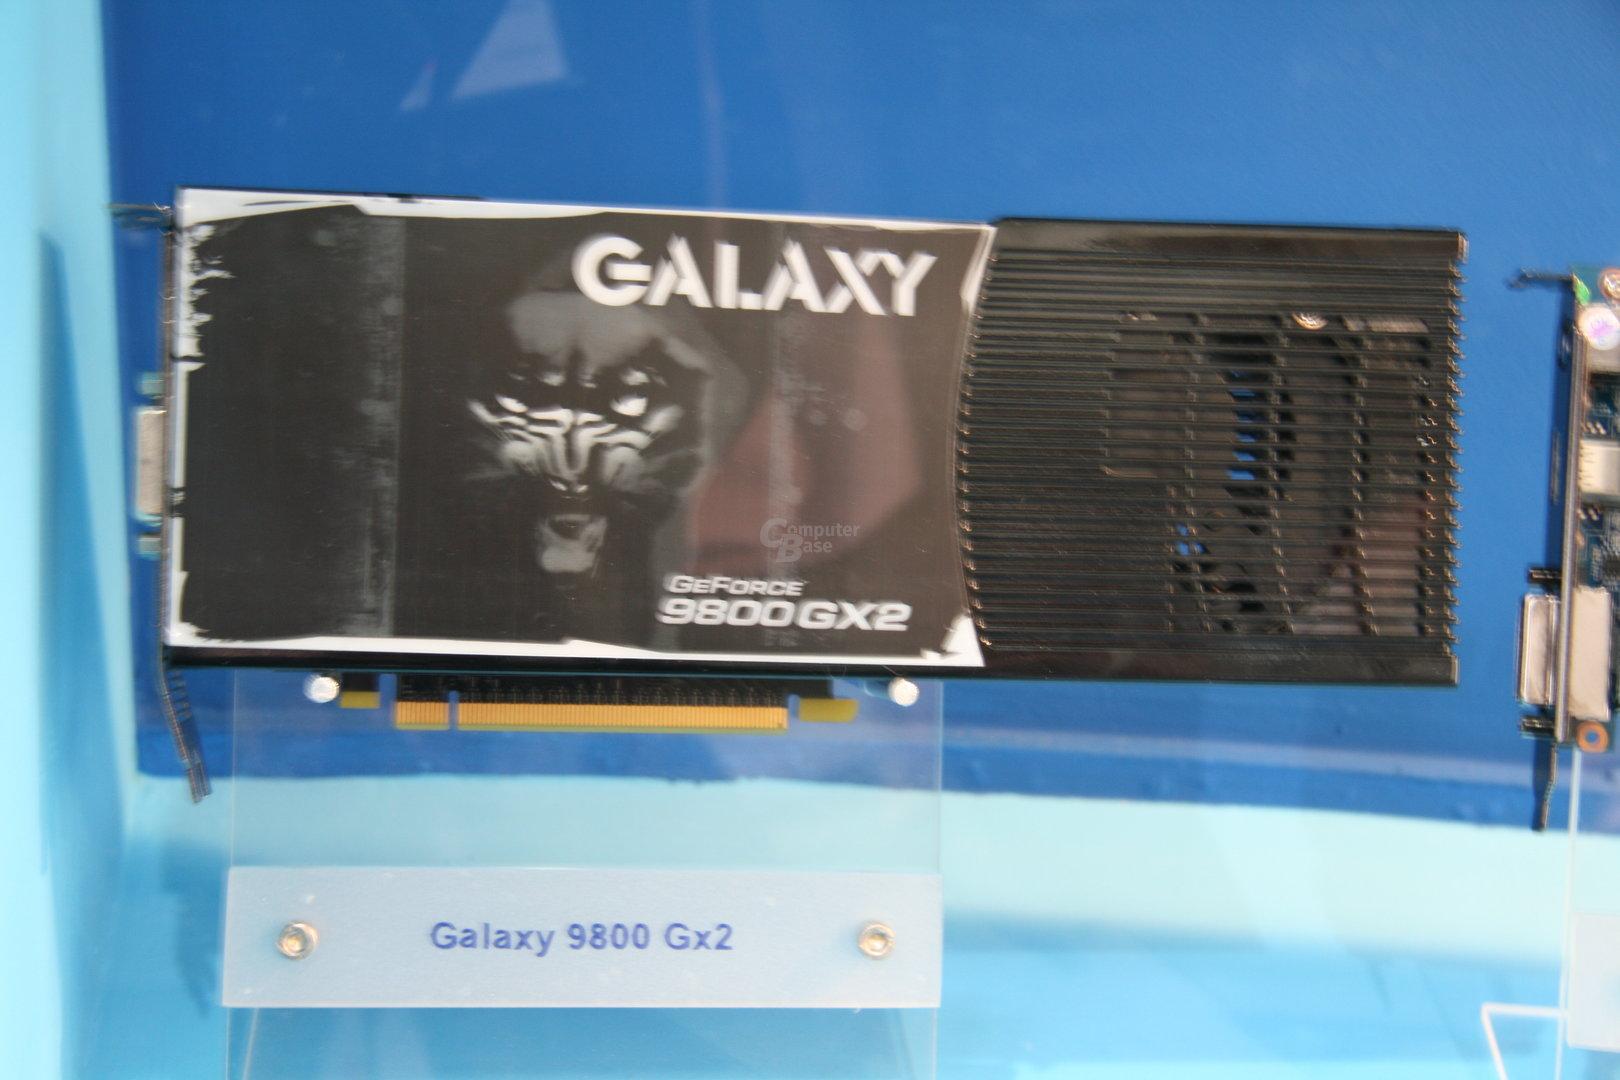 Galaxy GeForce 9800 GX2